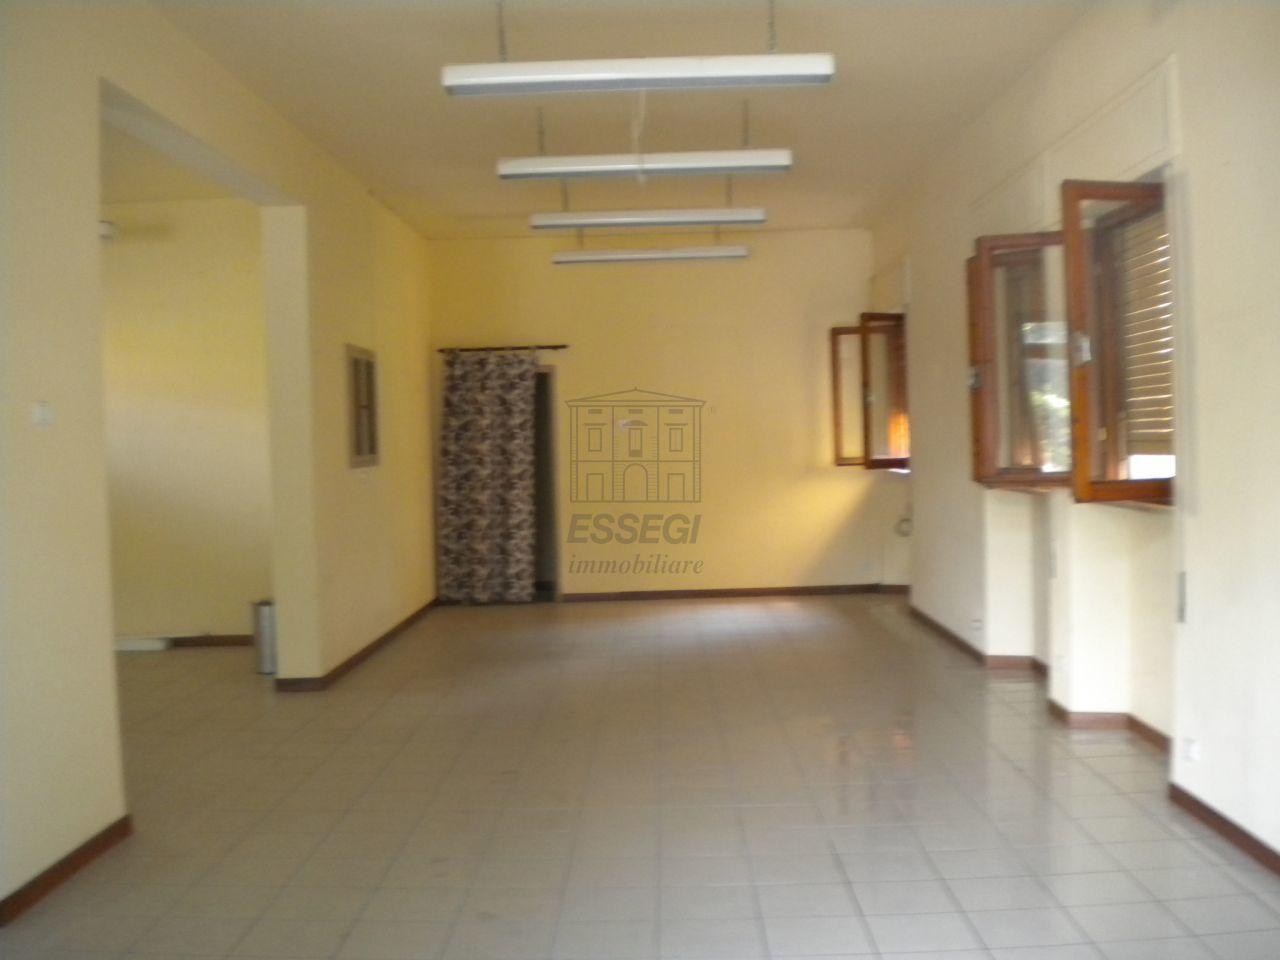 Magazzino in affitto a Lucca, 2 locali, prezzo € 700 | Cambio Casa.it